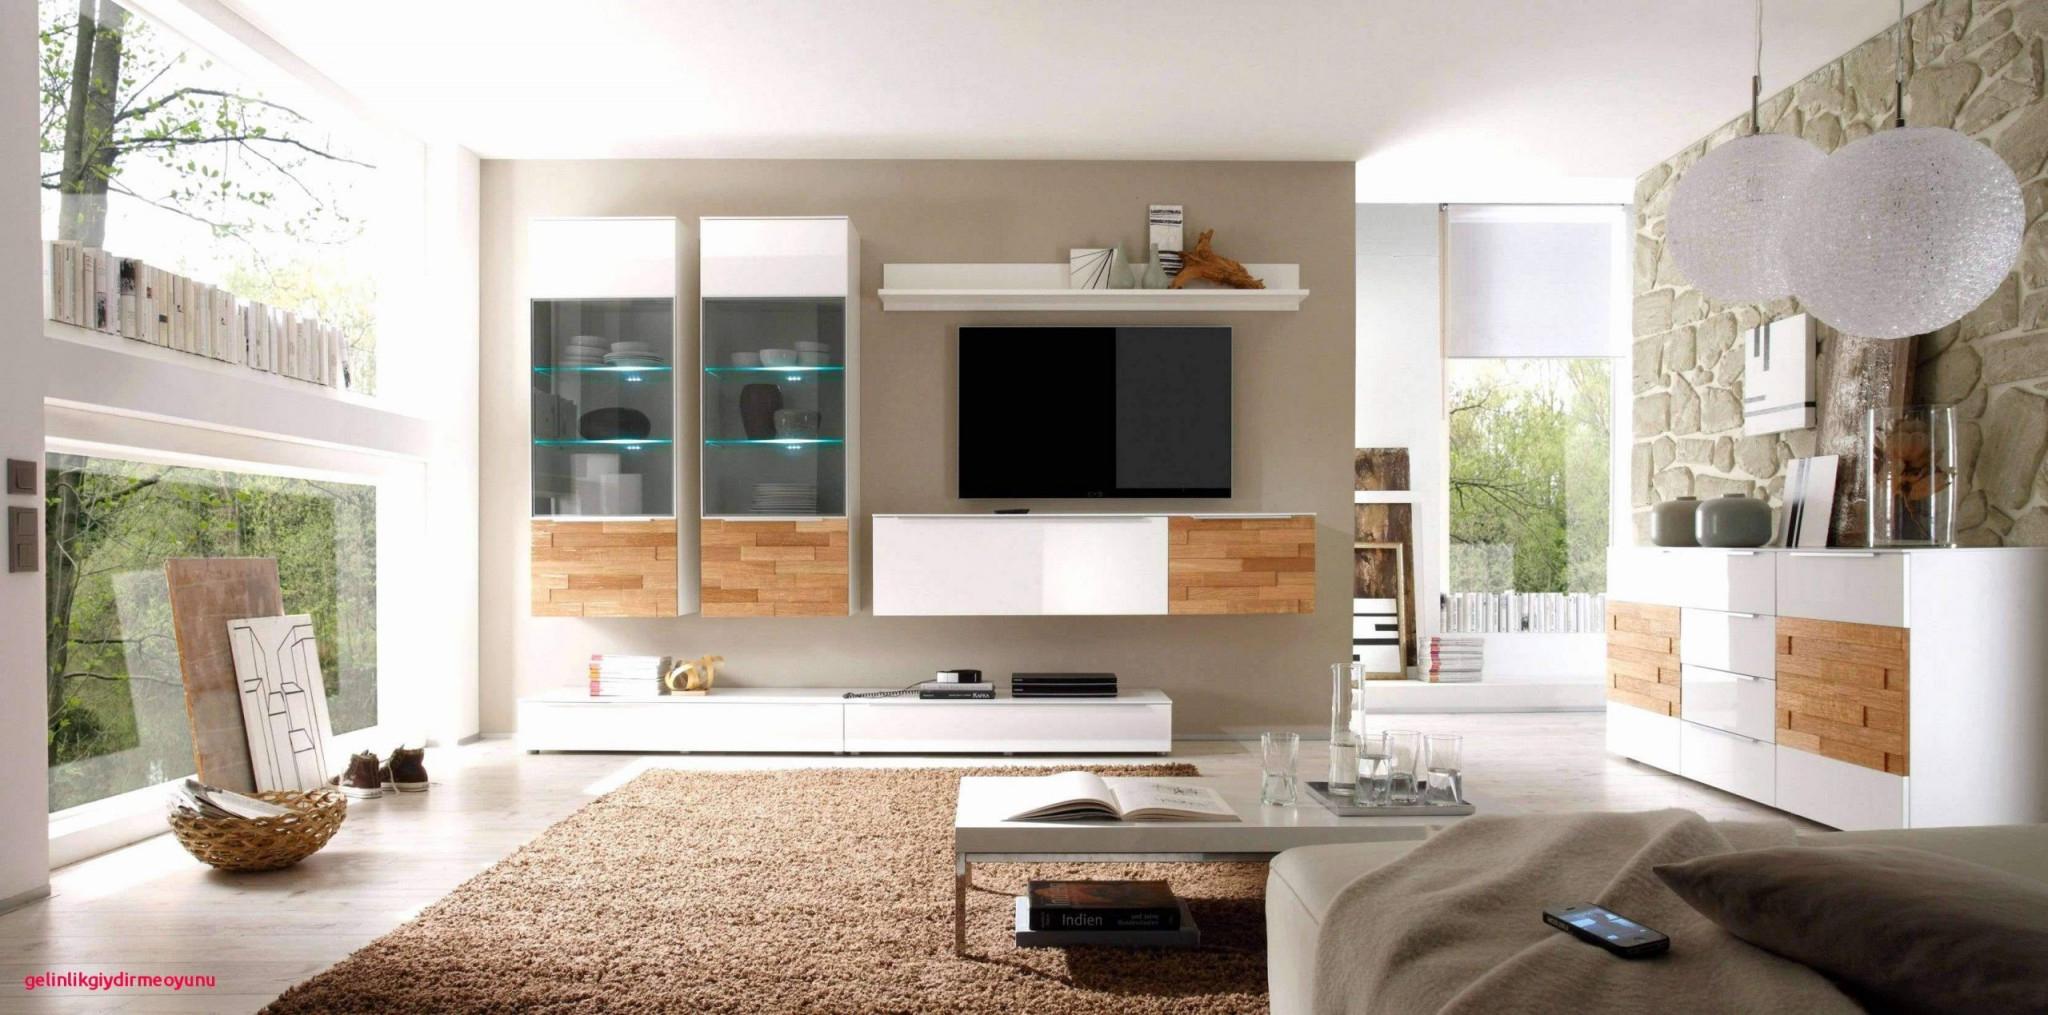 Einrichtung Wohnzimmer Schön Deko Ideen Wohnzimmer Holz von Wohnzimmer Einrichten Holz Photo